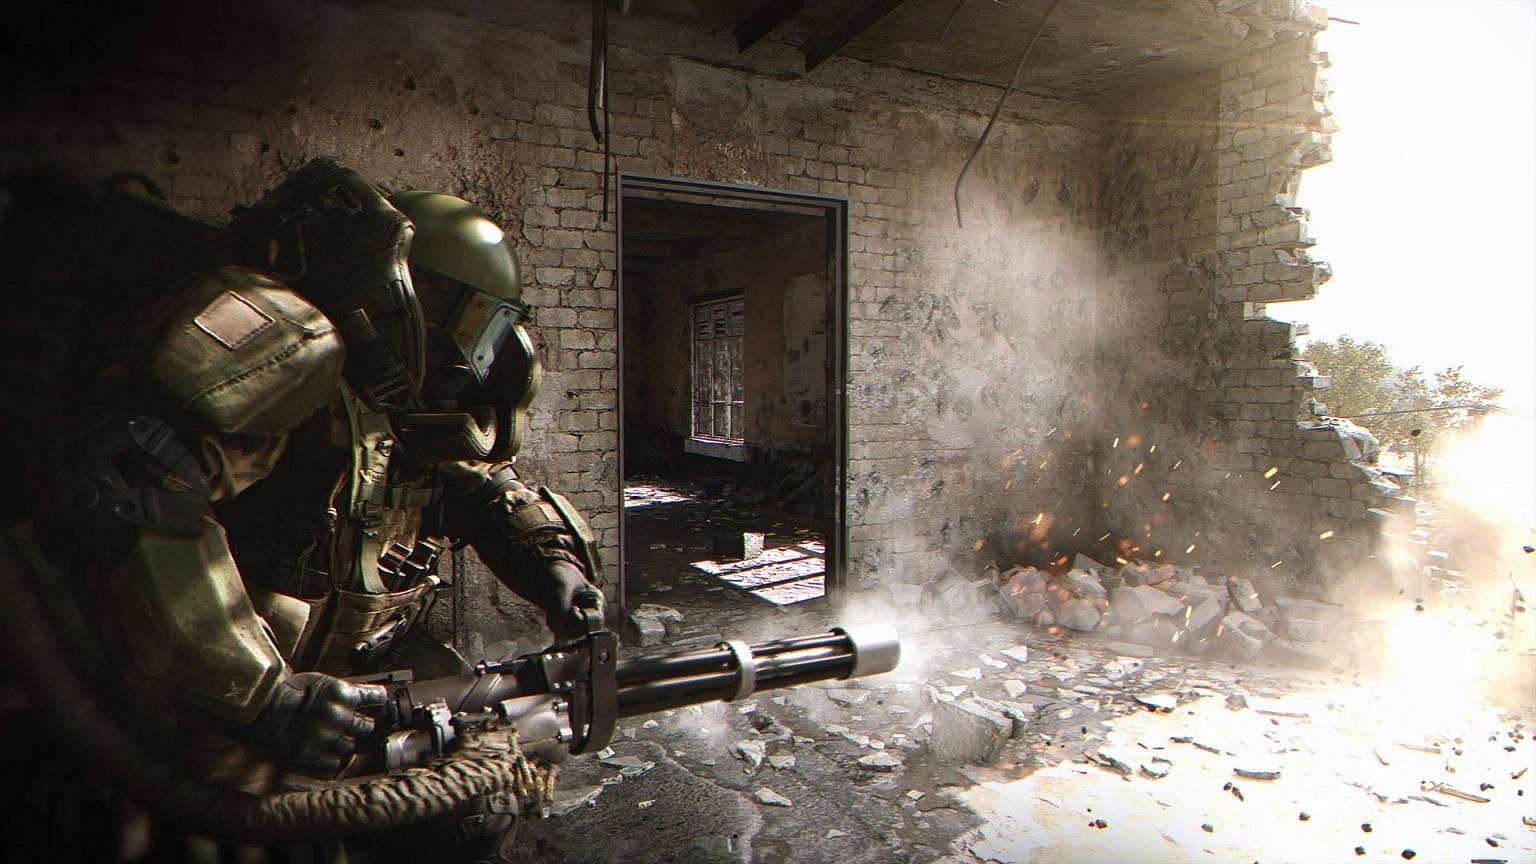 В Call of Duty: Modern Warfare переработали карту Piccadilly и ещё урезали дальность дробовика 725